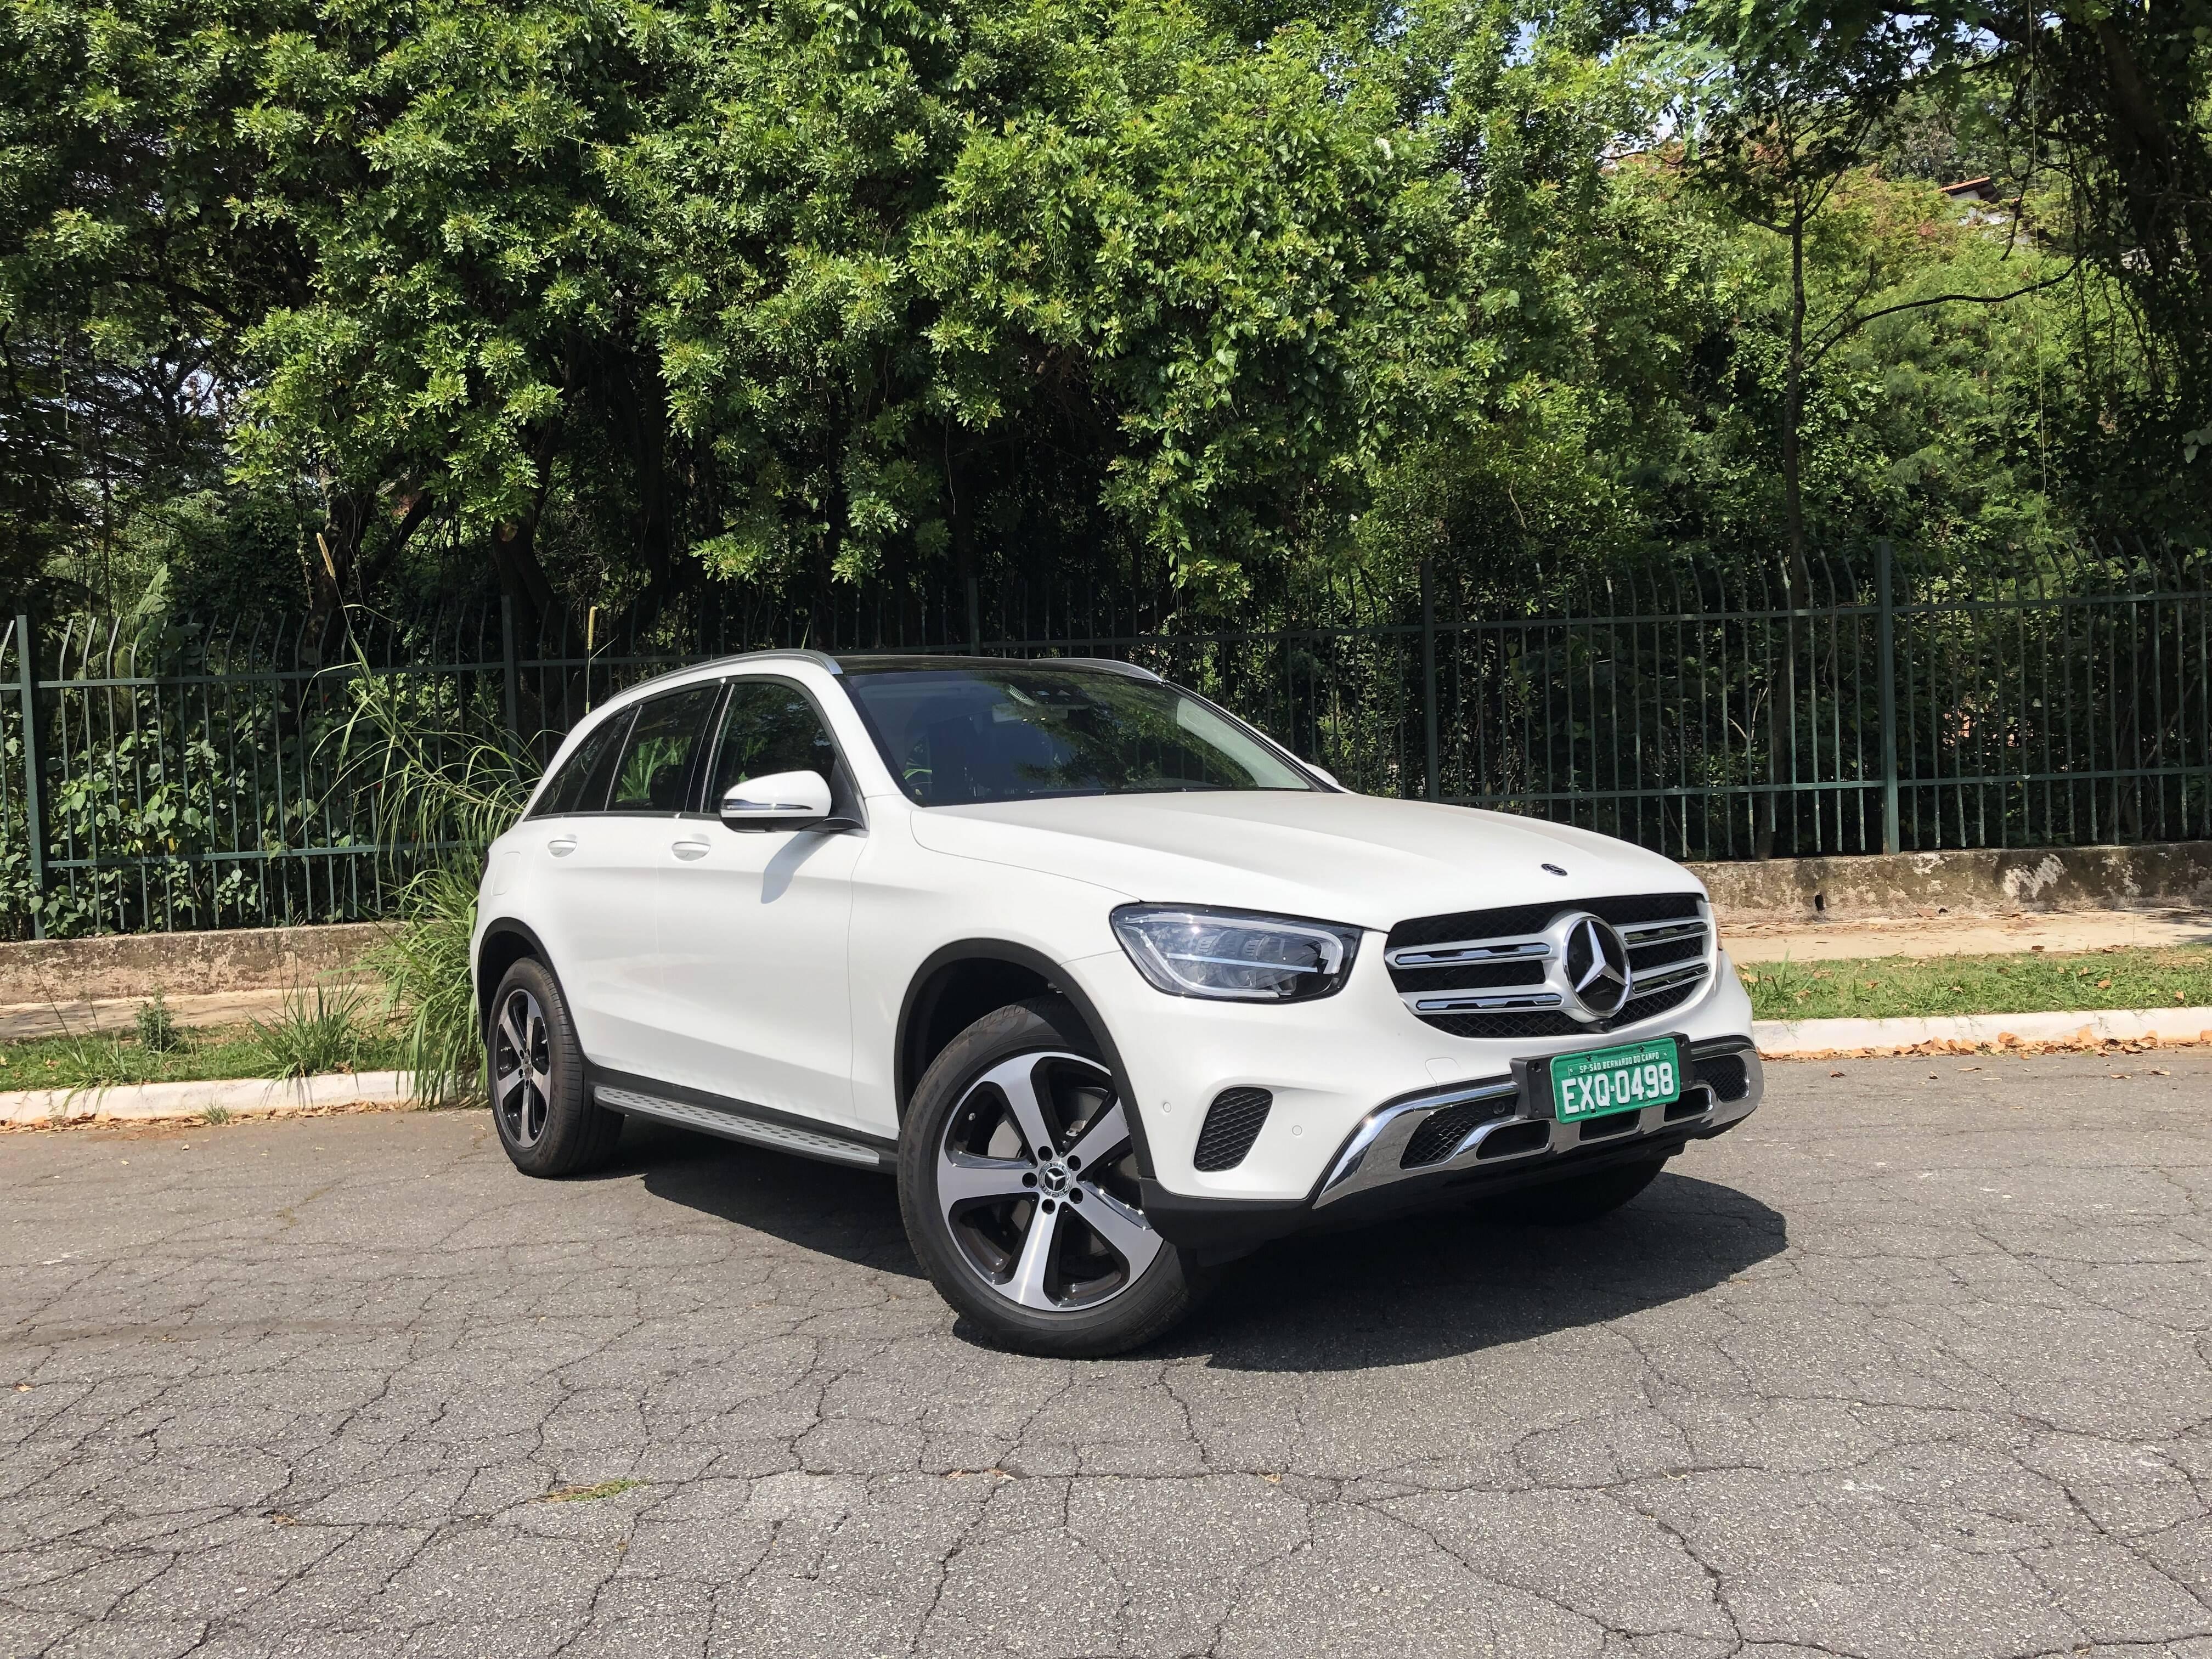 Mercedes-Benz GLC. Foto: Cauê Lira/iG Carros